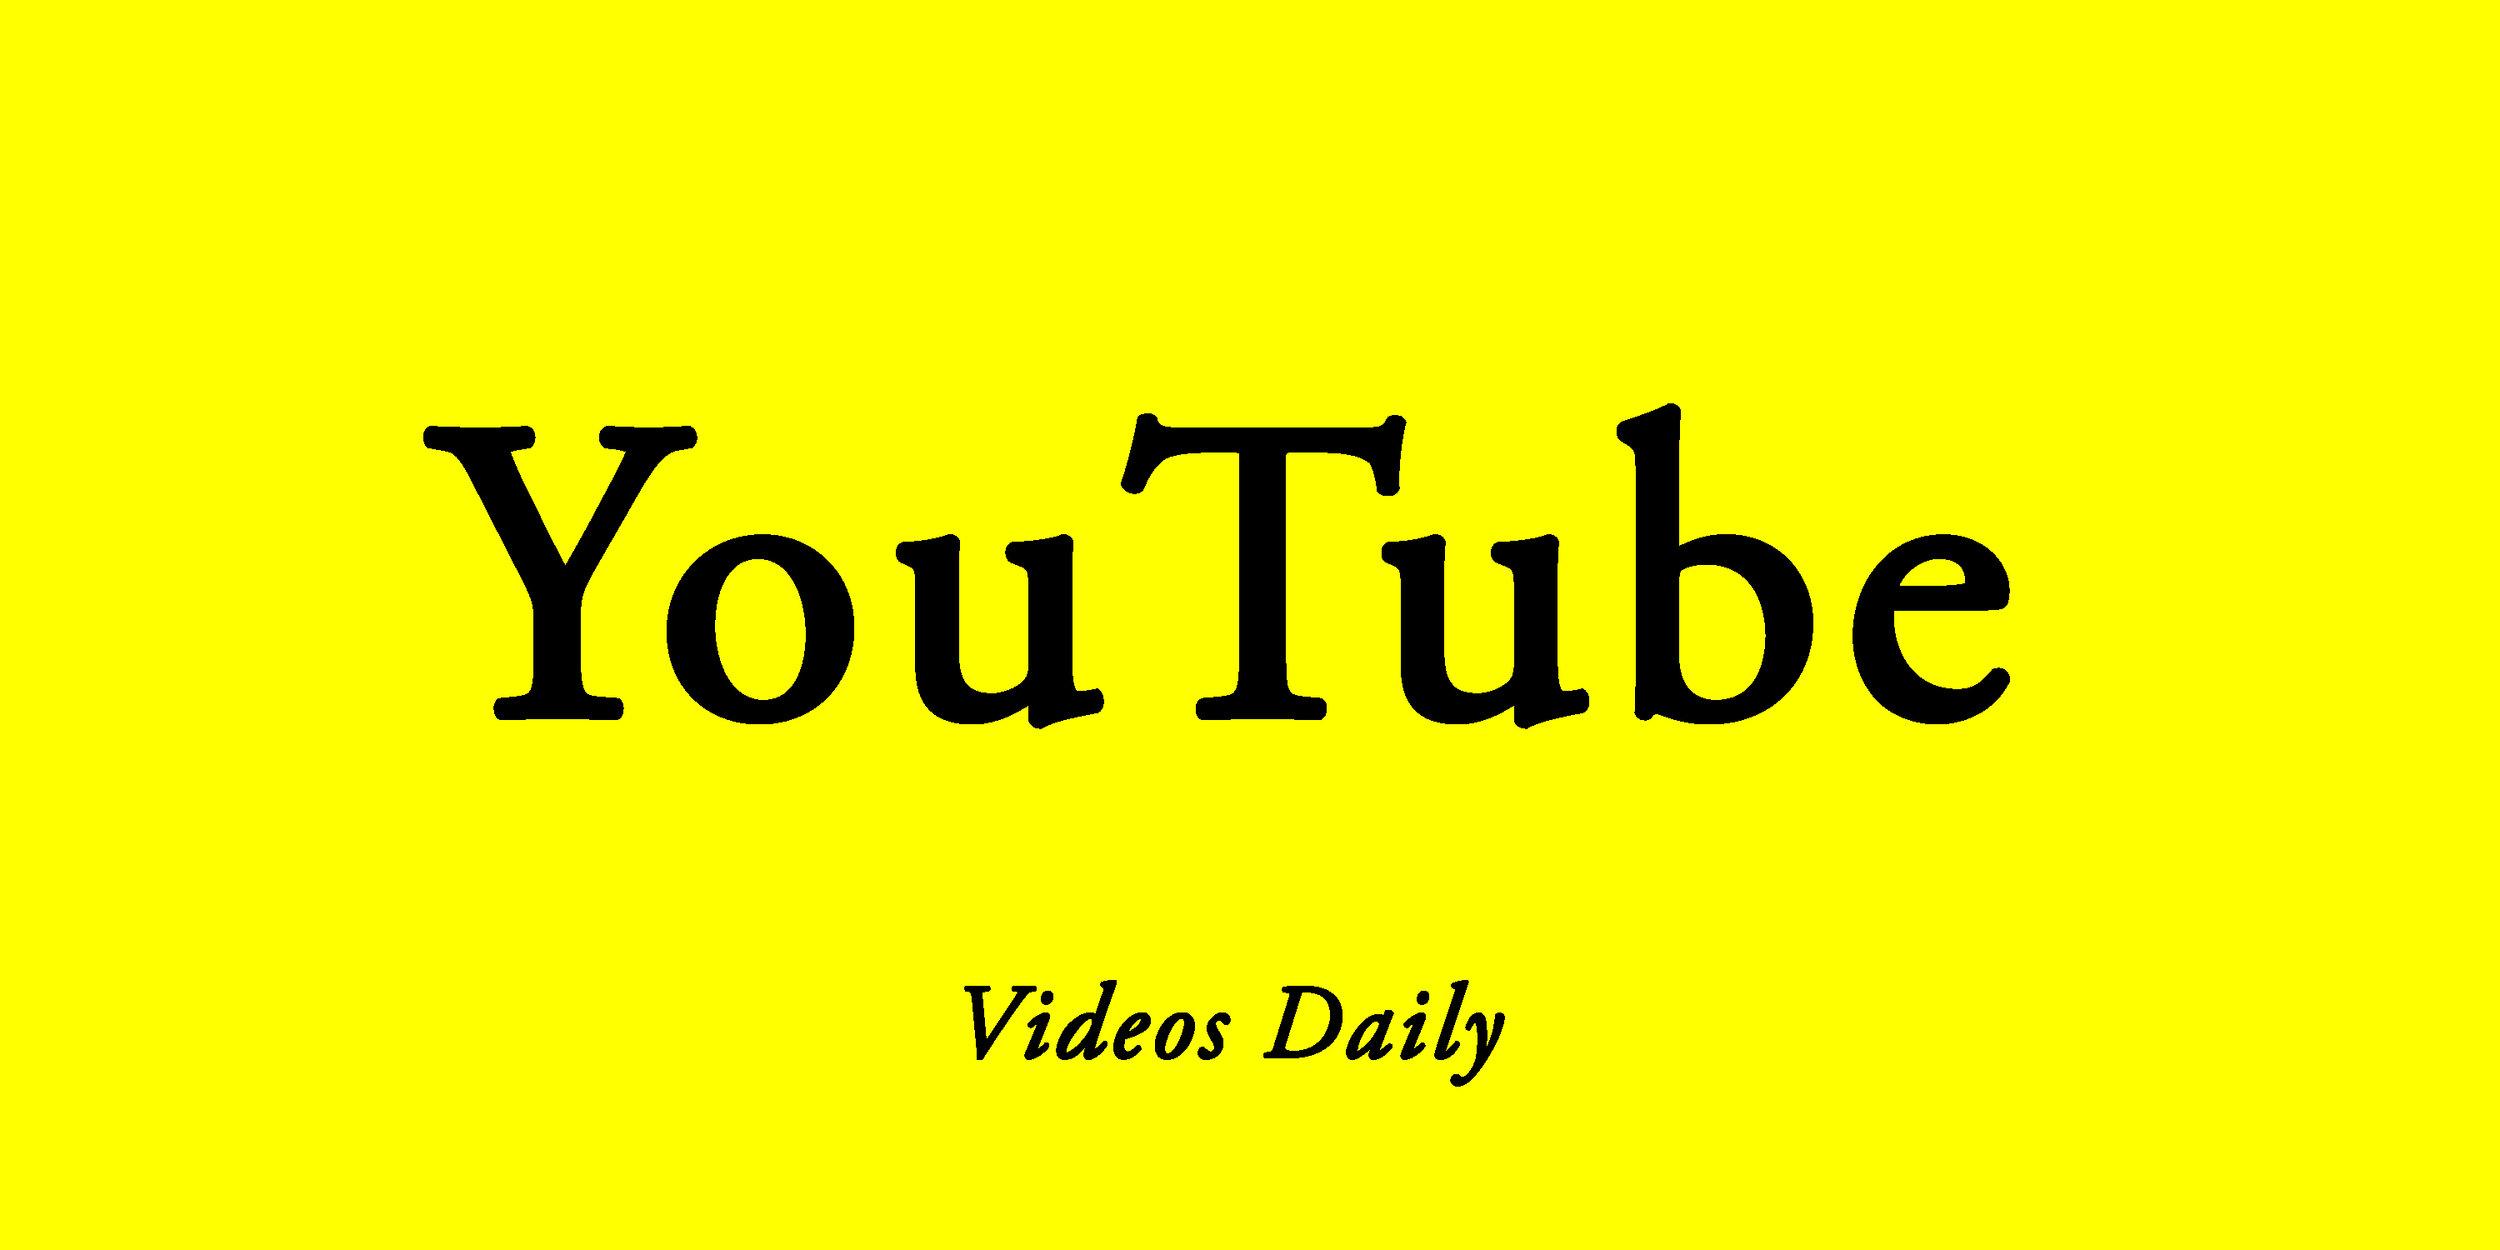 youtubee.jpg